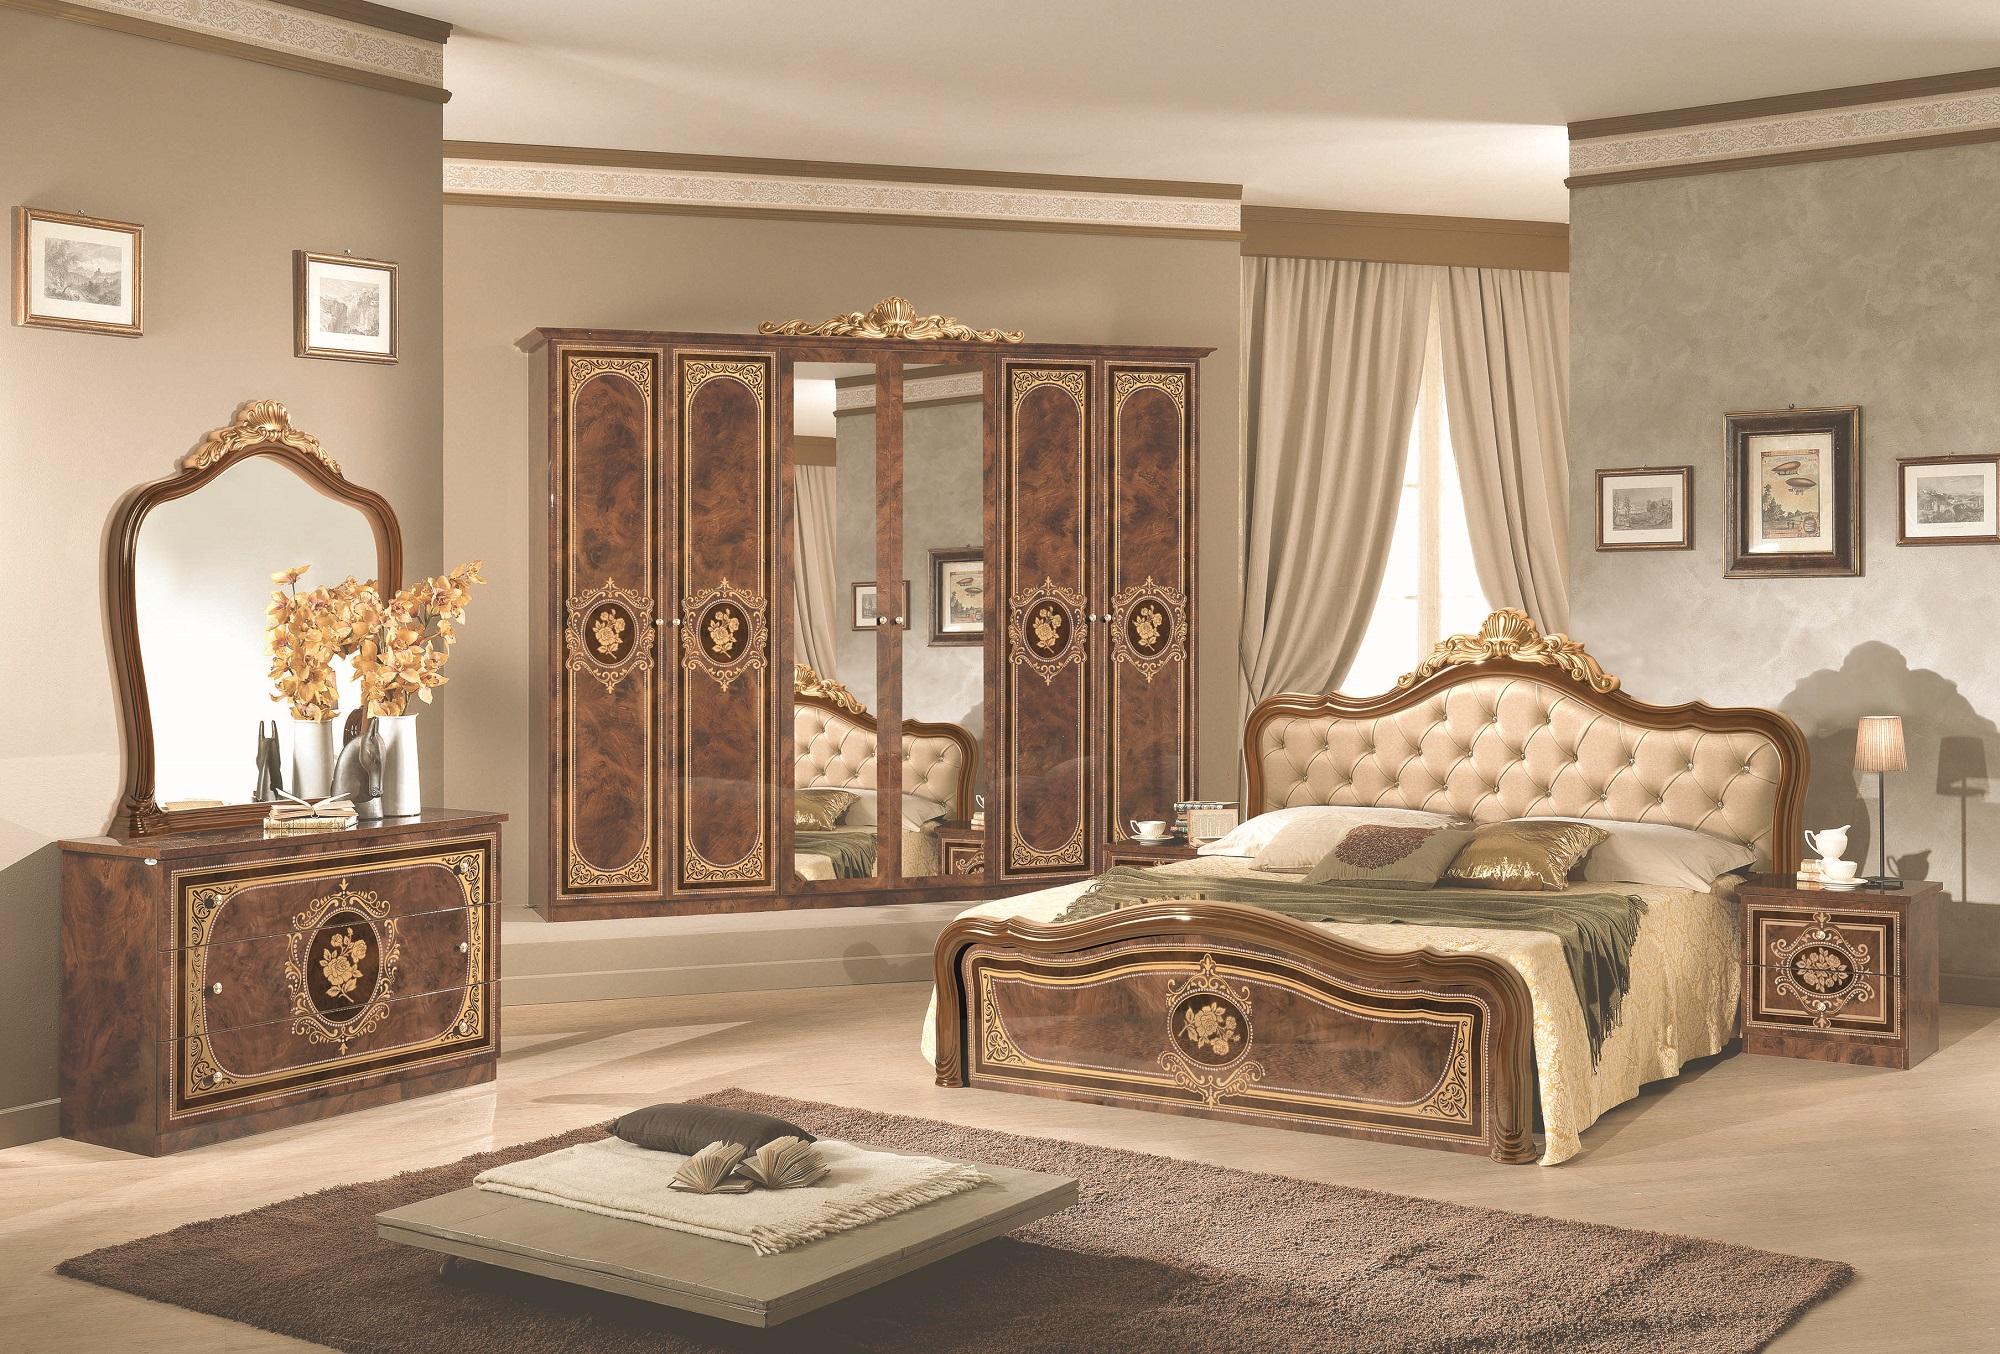 ... Schlafzimmer Alice In Creme Beige Barock Polsterung 180x200cm